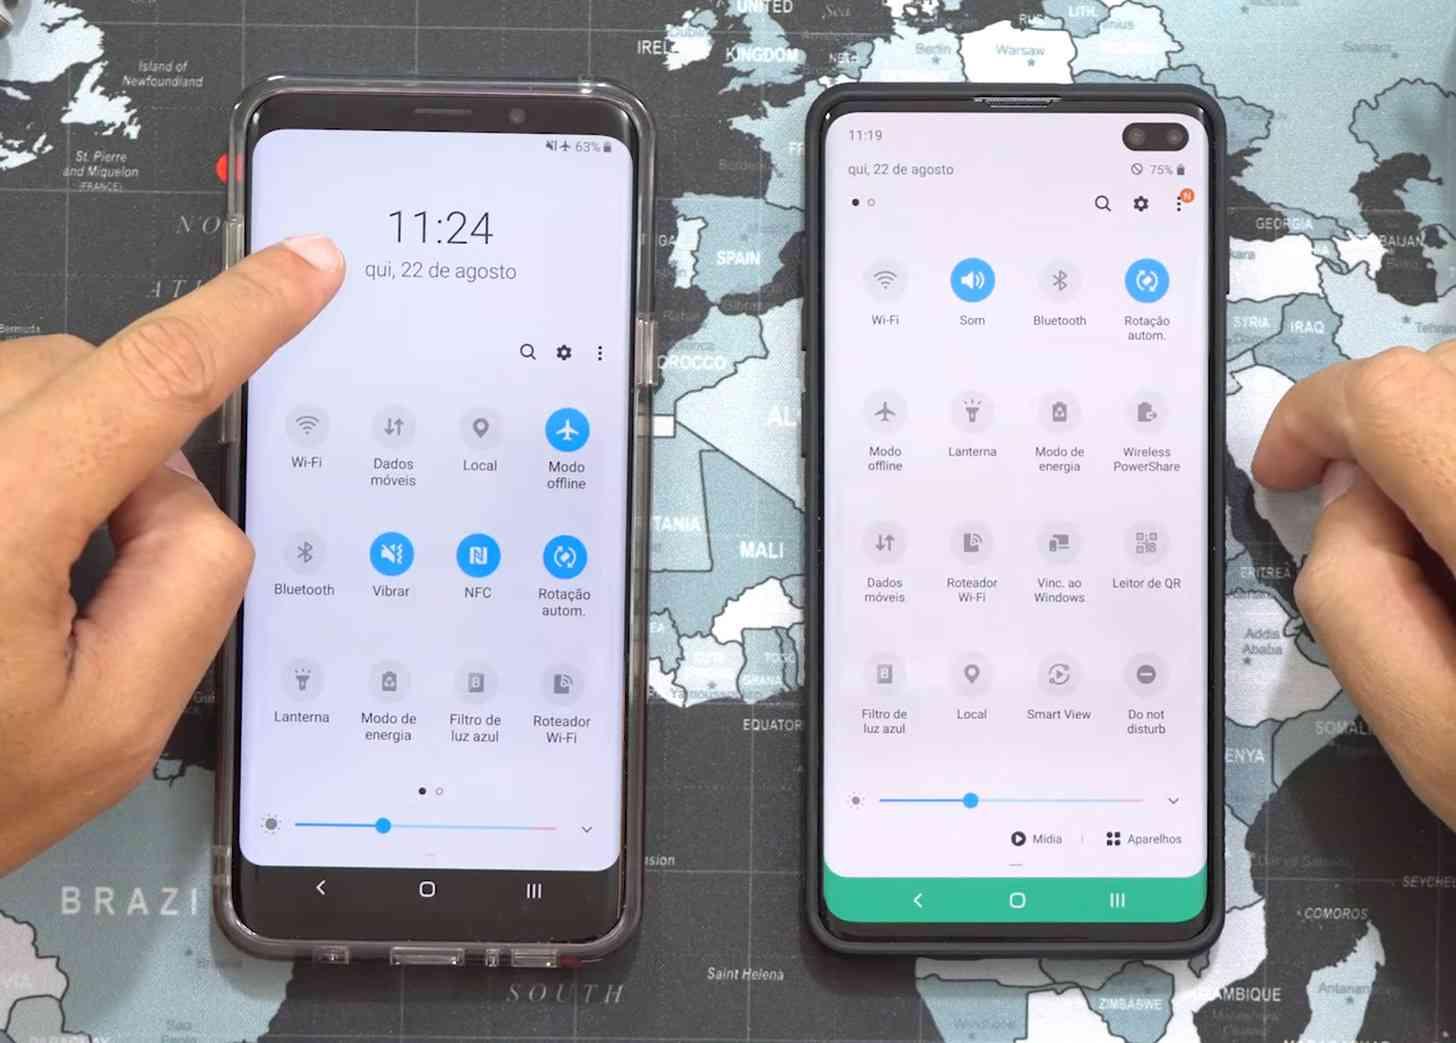 Samsung One istifadəçi interfeysinin sürətli qurulması 2.0